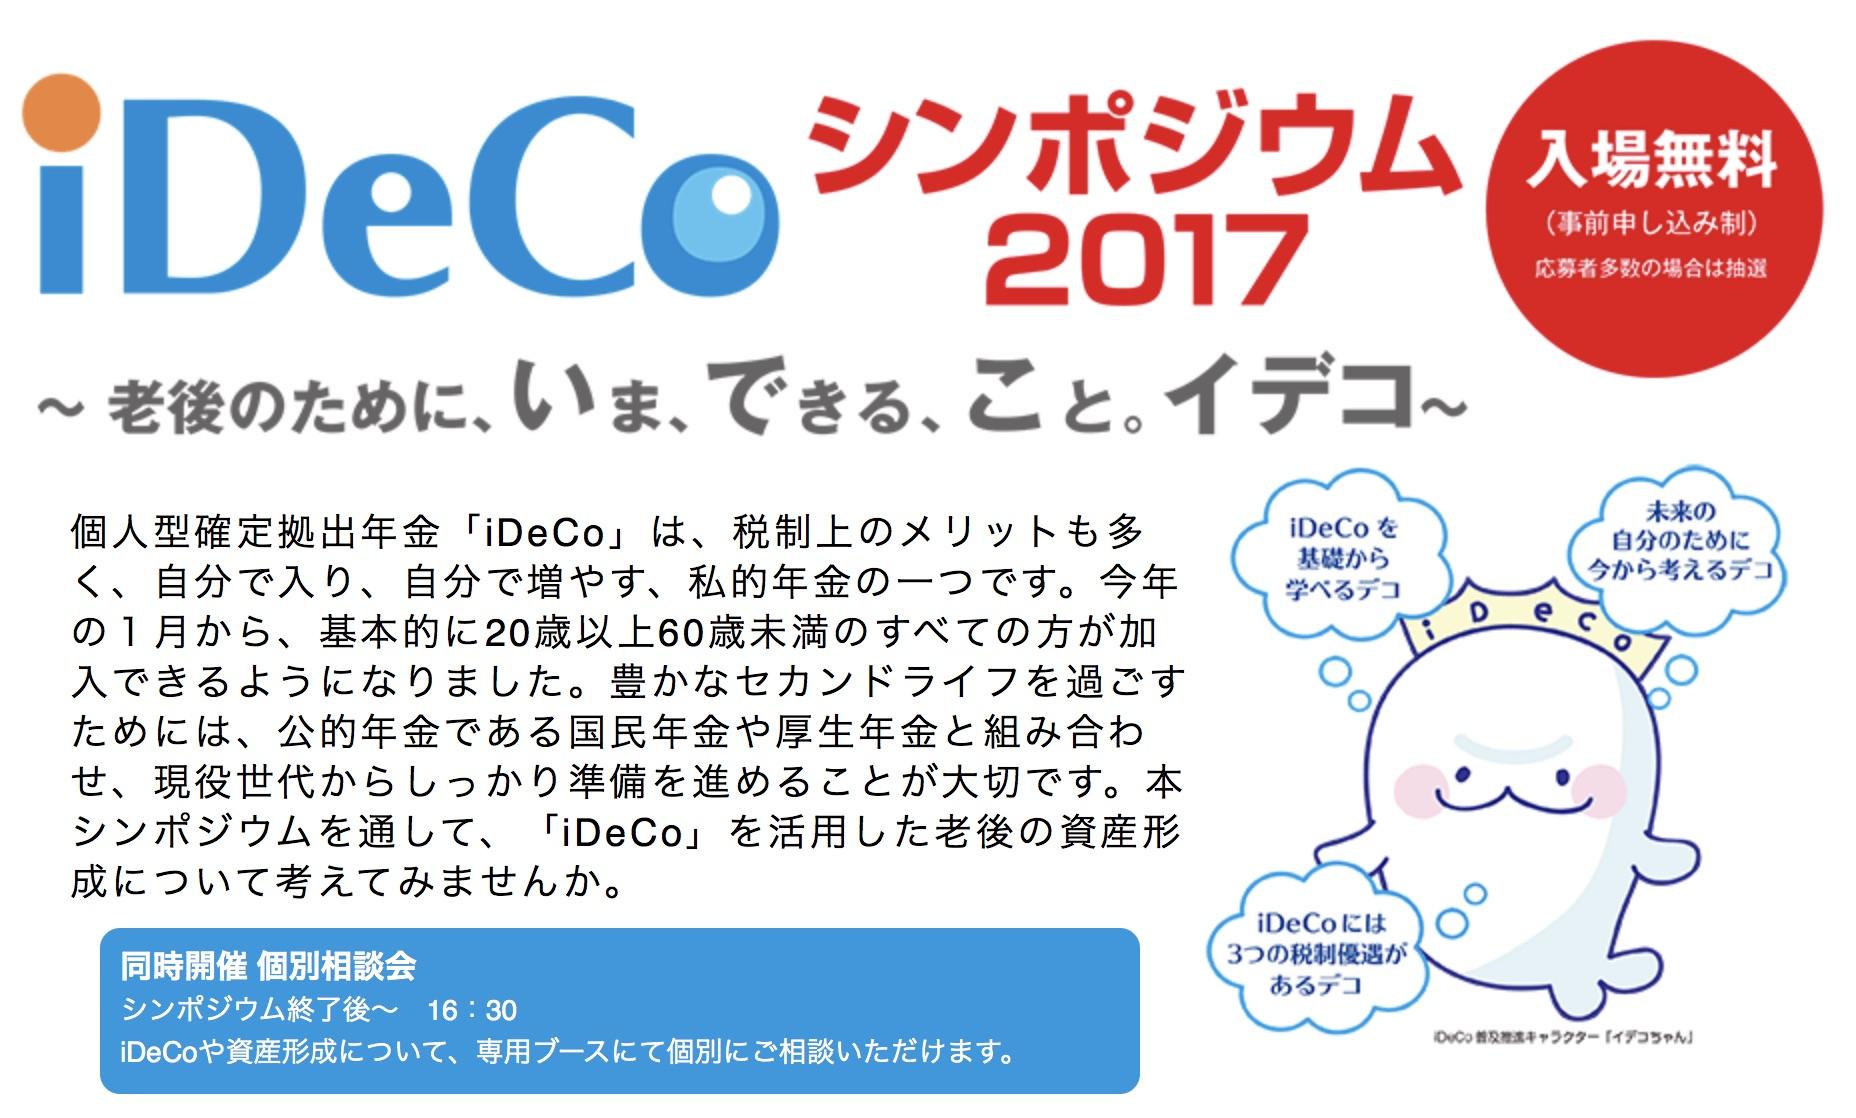 「iDeCoシンポジウム2017 in札幌」に申し込みました。【10月1日開催】